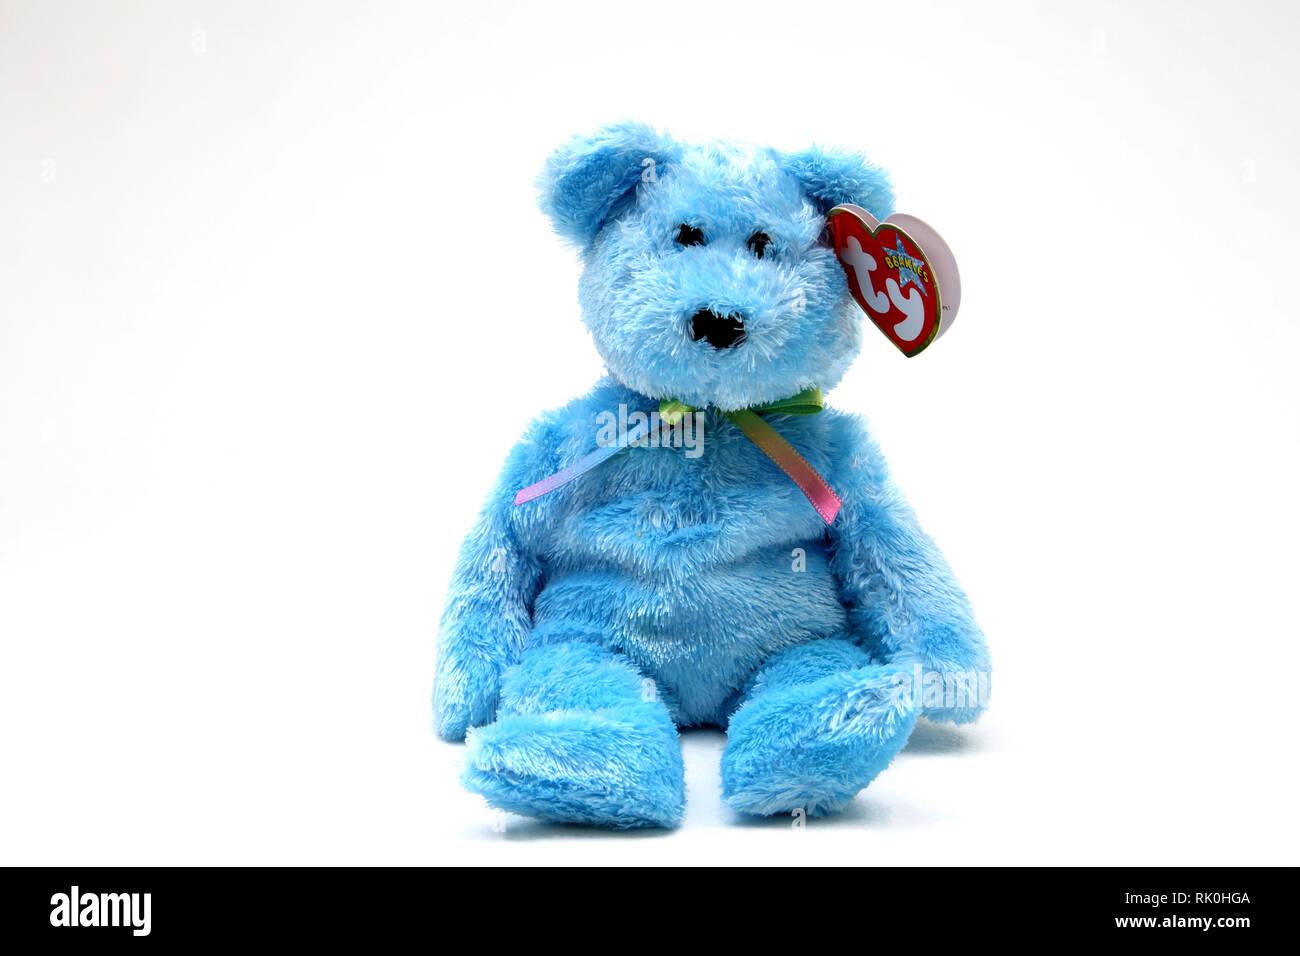 52166107713 Ty Beanie Babies Teddy Bear Stock Photos   Ty Beanie Babies Teddy ...